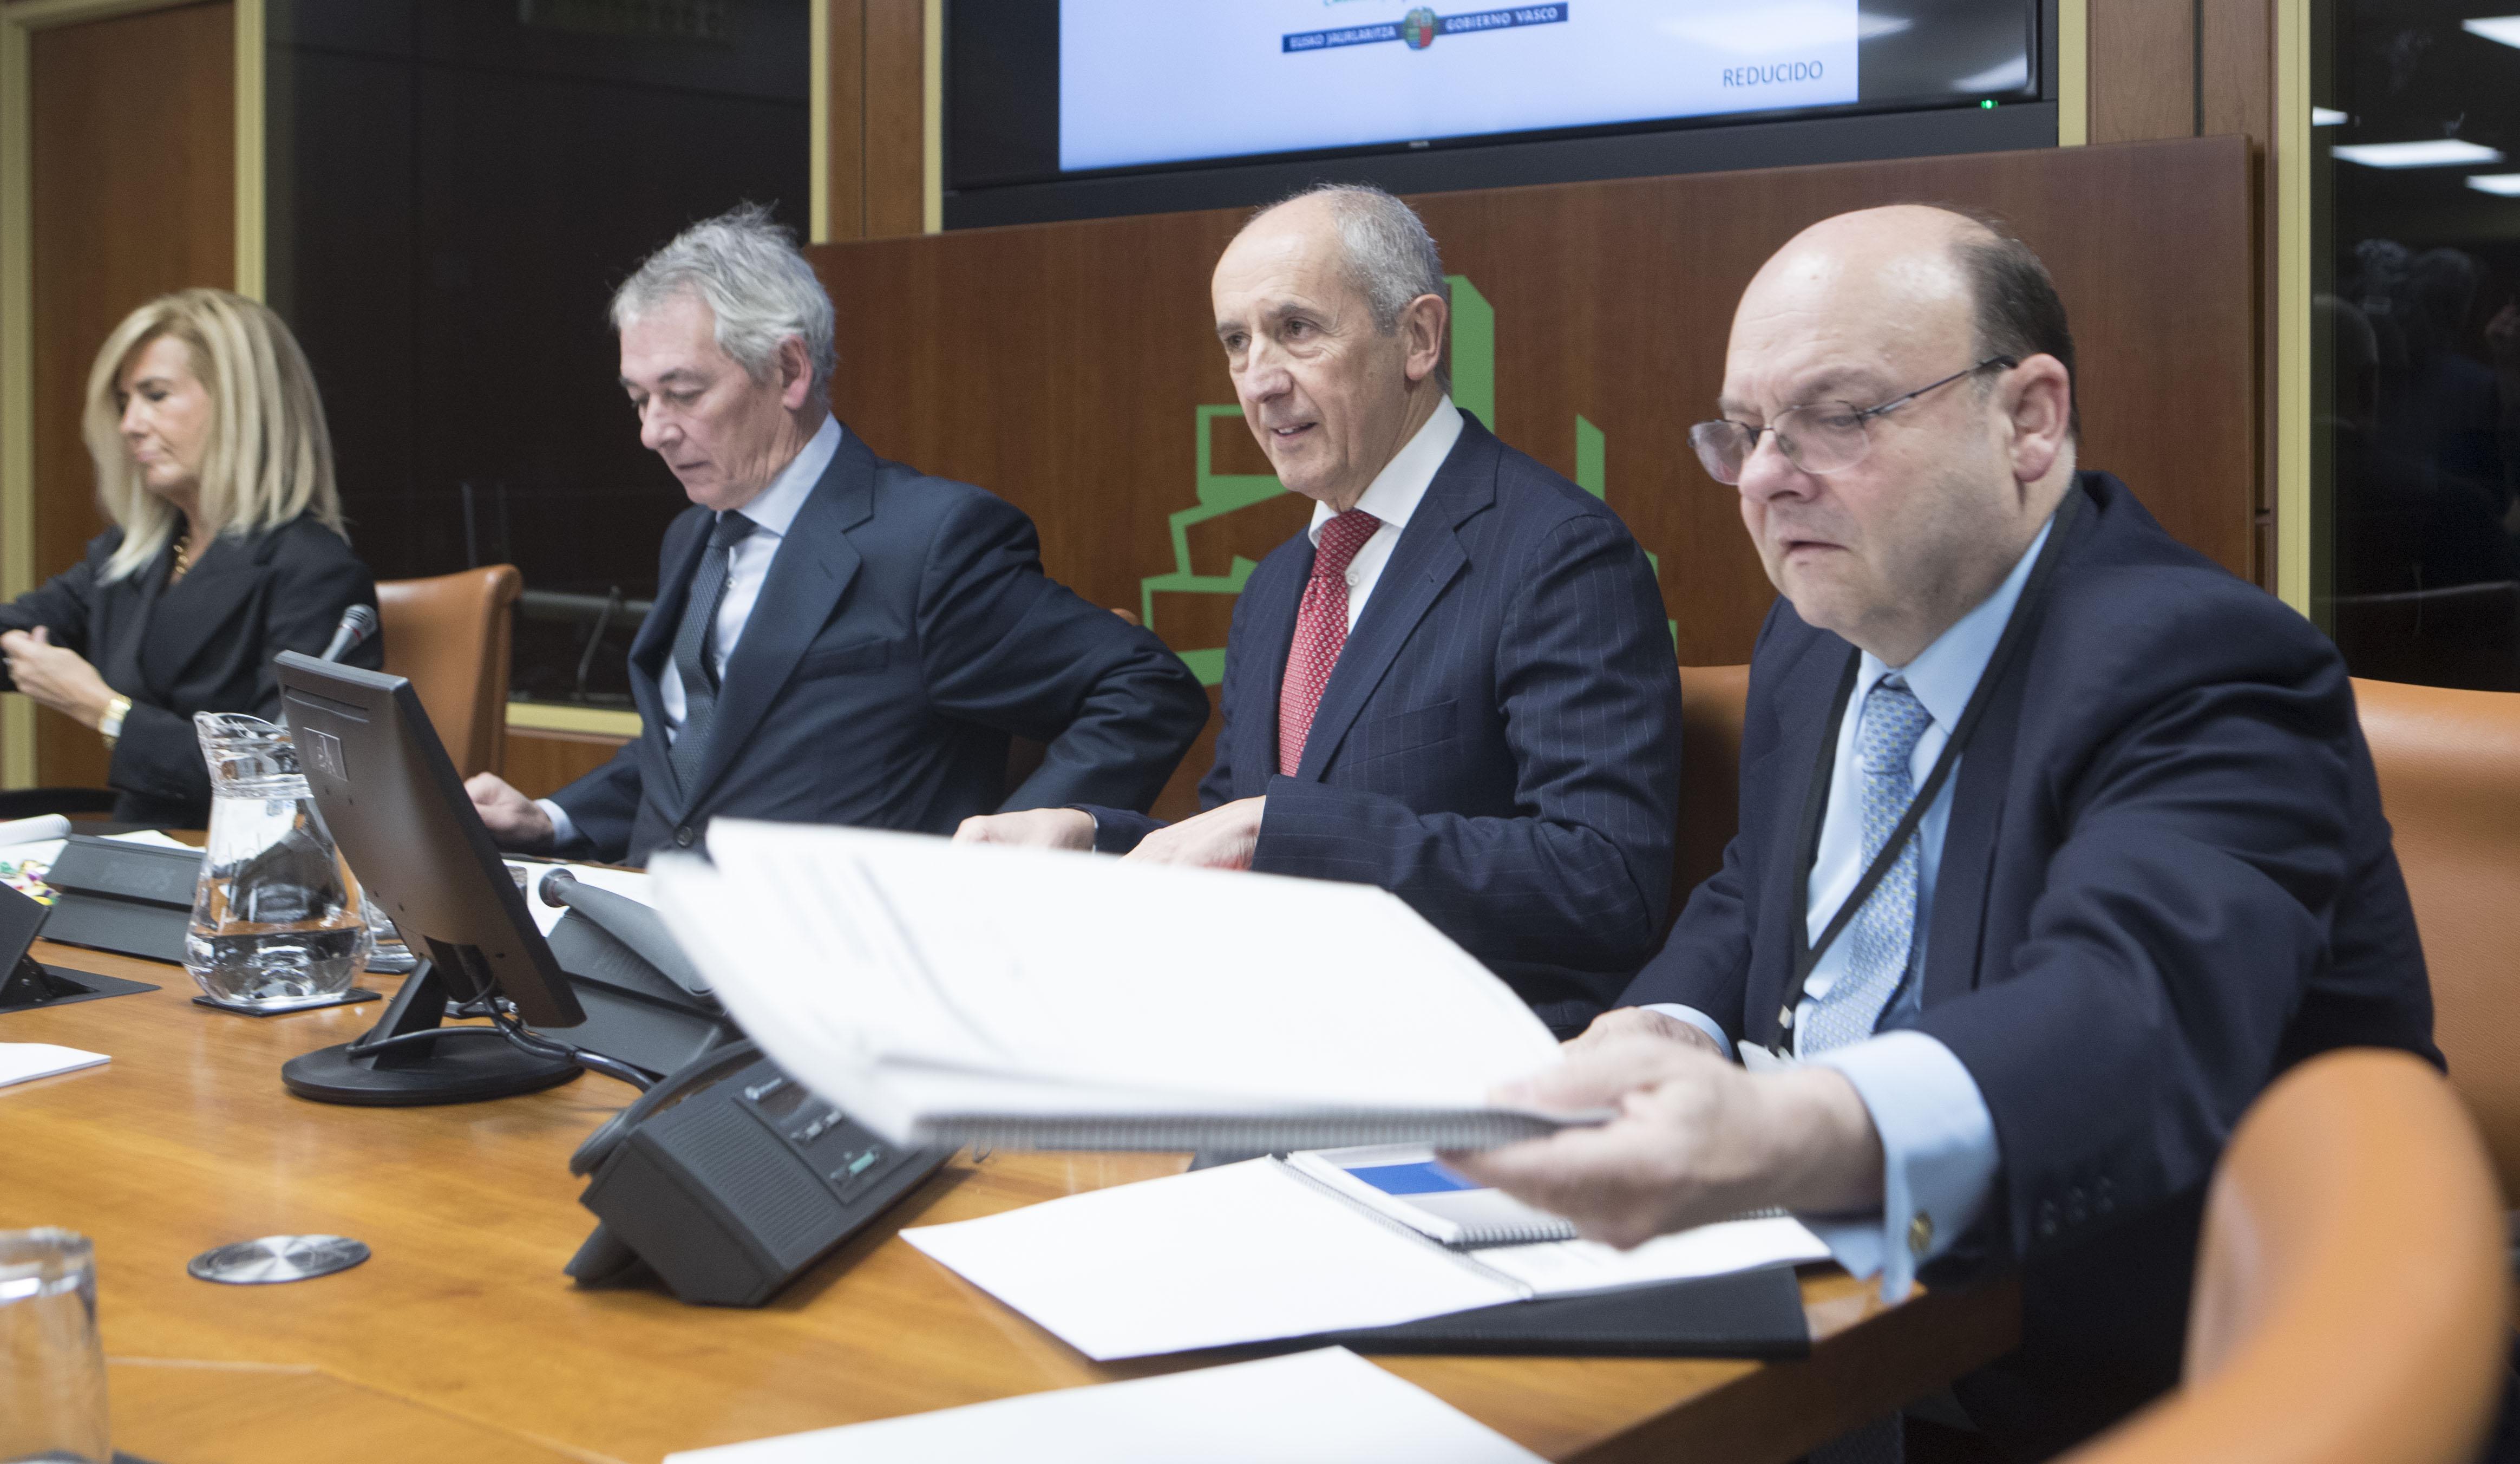 El Departamento de Gobernanza Pública y Autogobierno dispondrá, en 2020, de un presupuesto continuista de 121 millones de euros